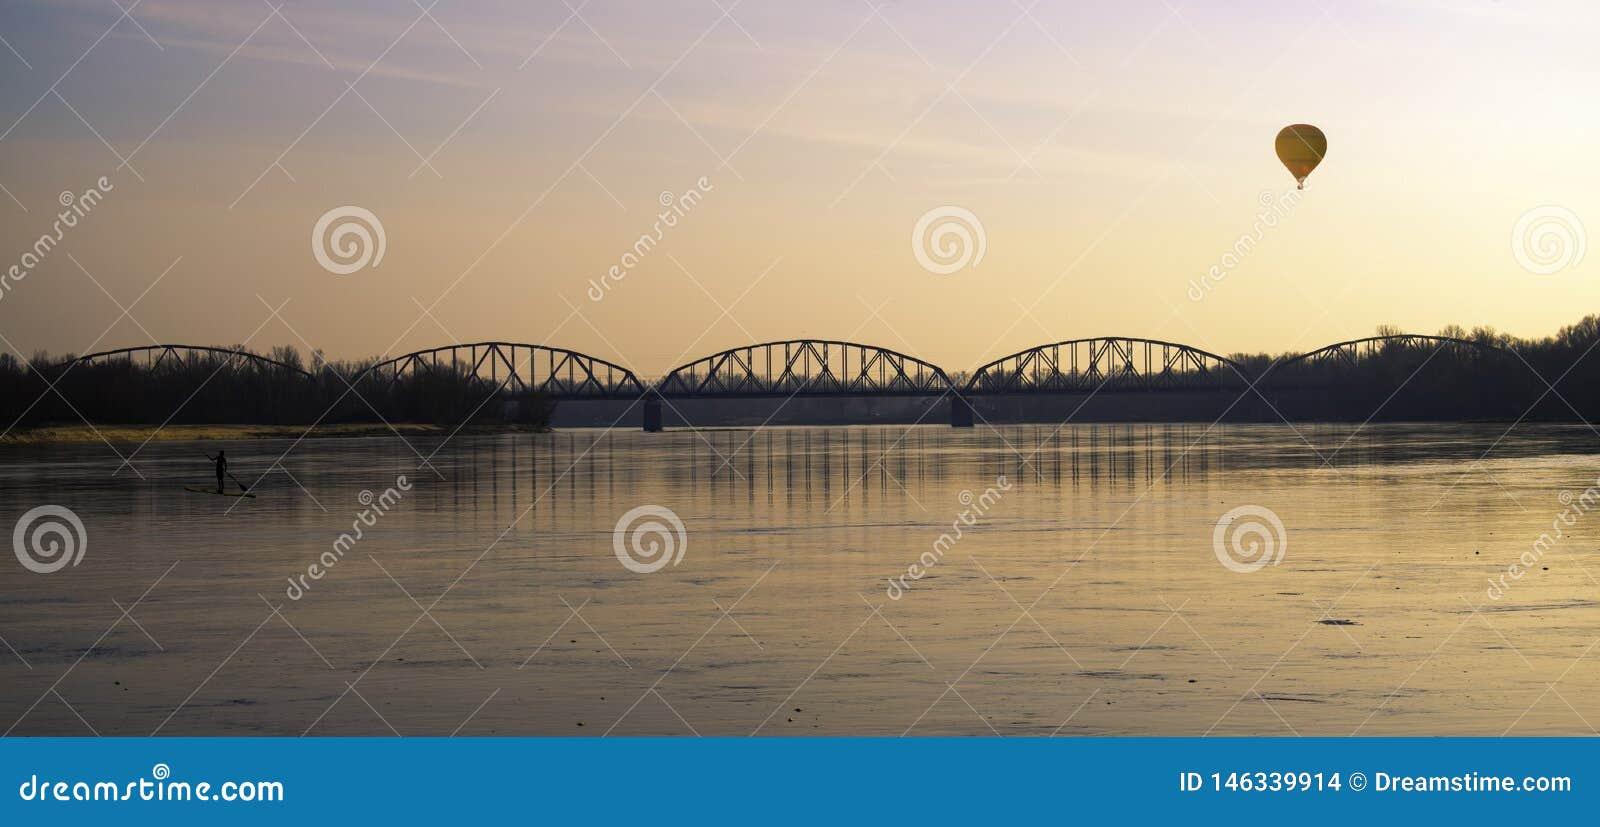 Мост свободы и мира